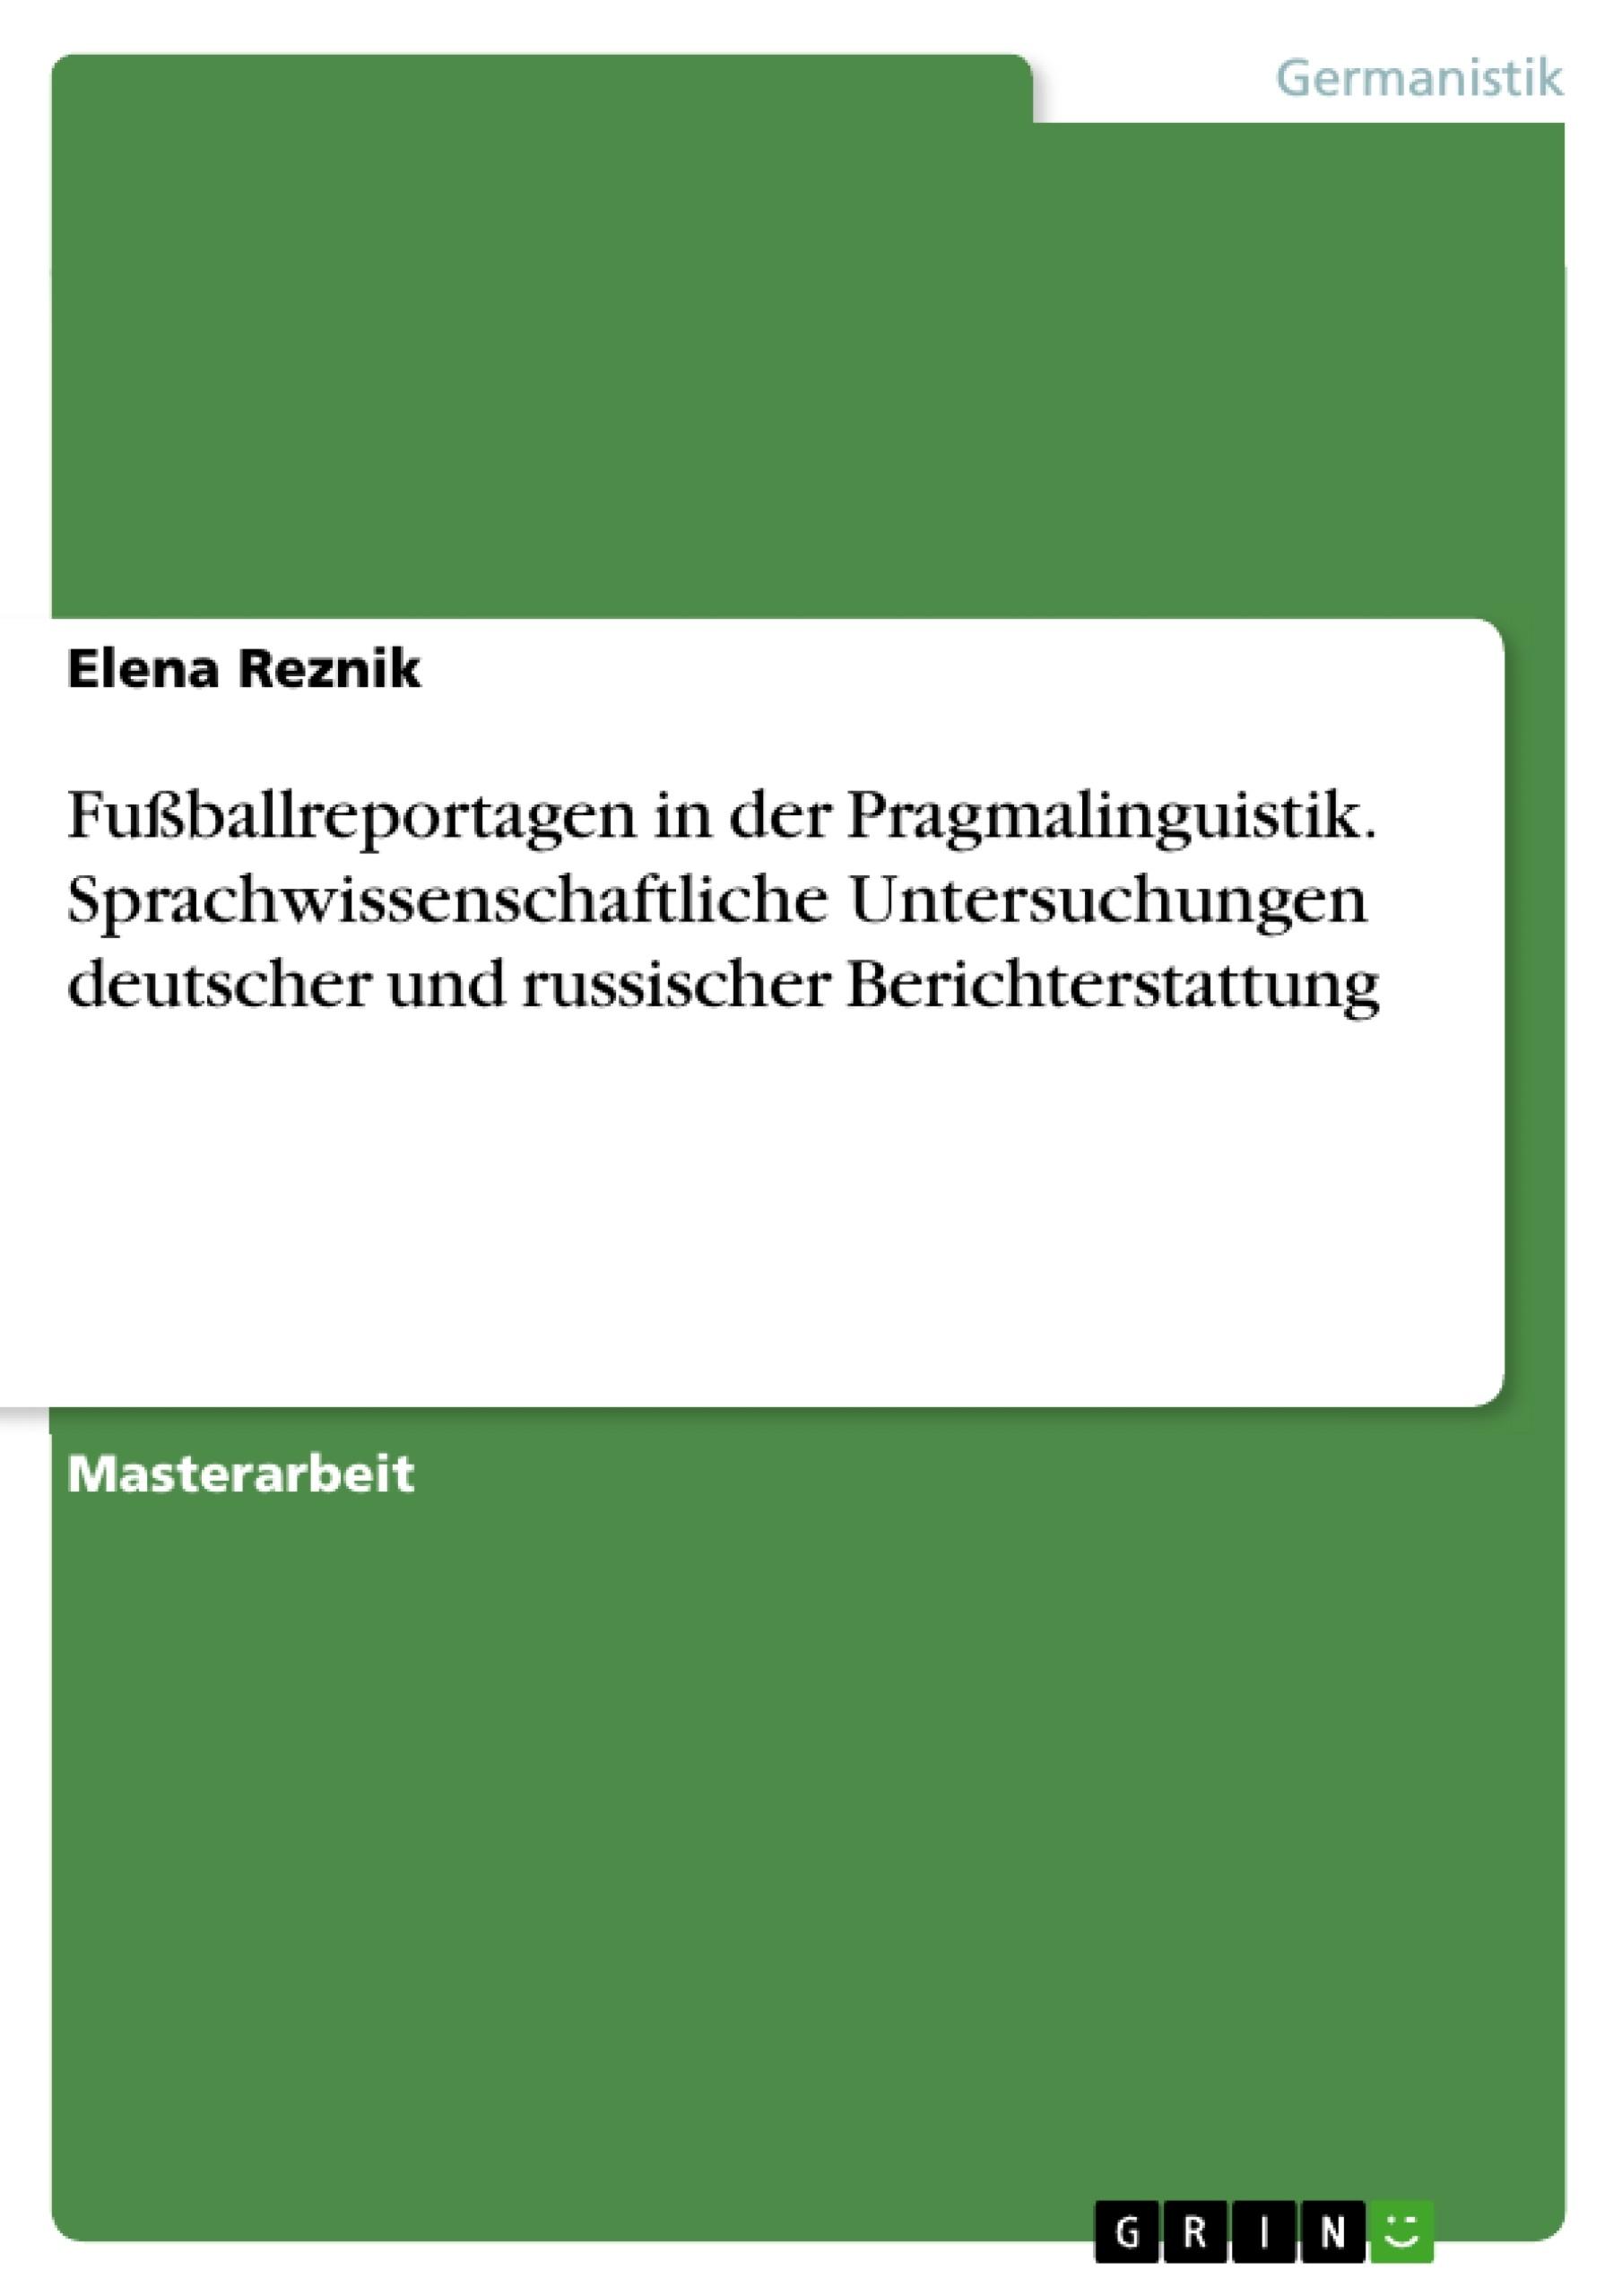 Titel: Fußballreportagen in der Pragmalinguistik. Sprachwissenschaftliche Untersuchungen deutscher und russischer Berichterstattung